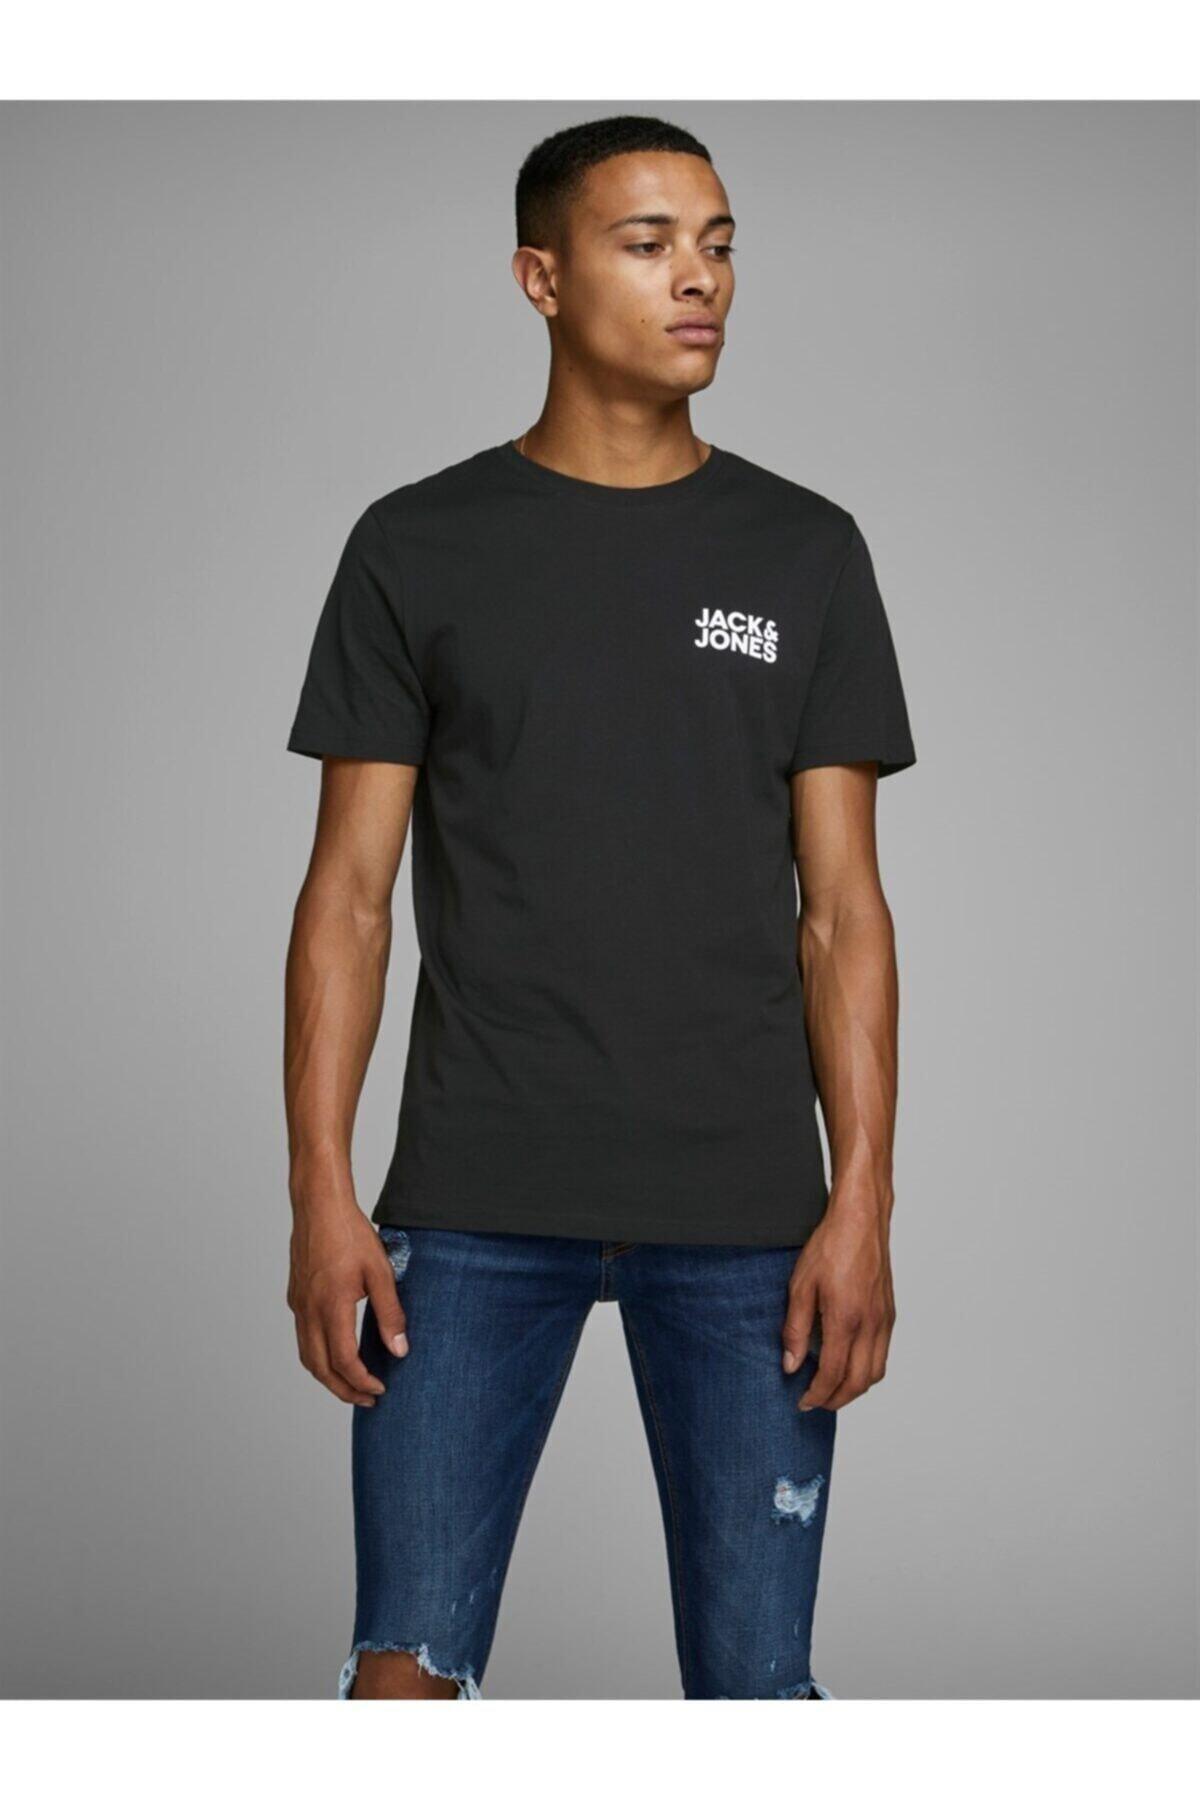 Jack & Jones JJECORP LOGO TEE SS O-NEC Siyah Erkek T-Shirt 101069463 1